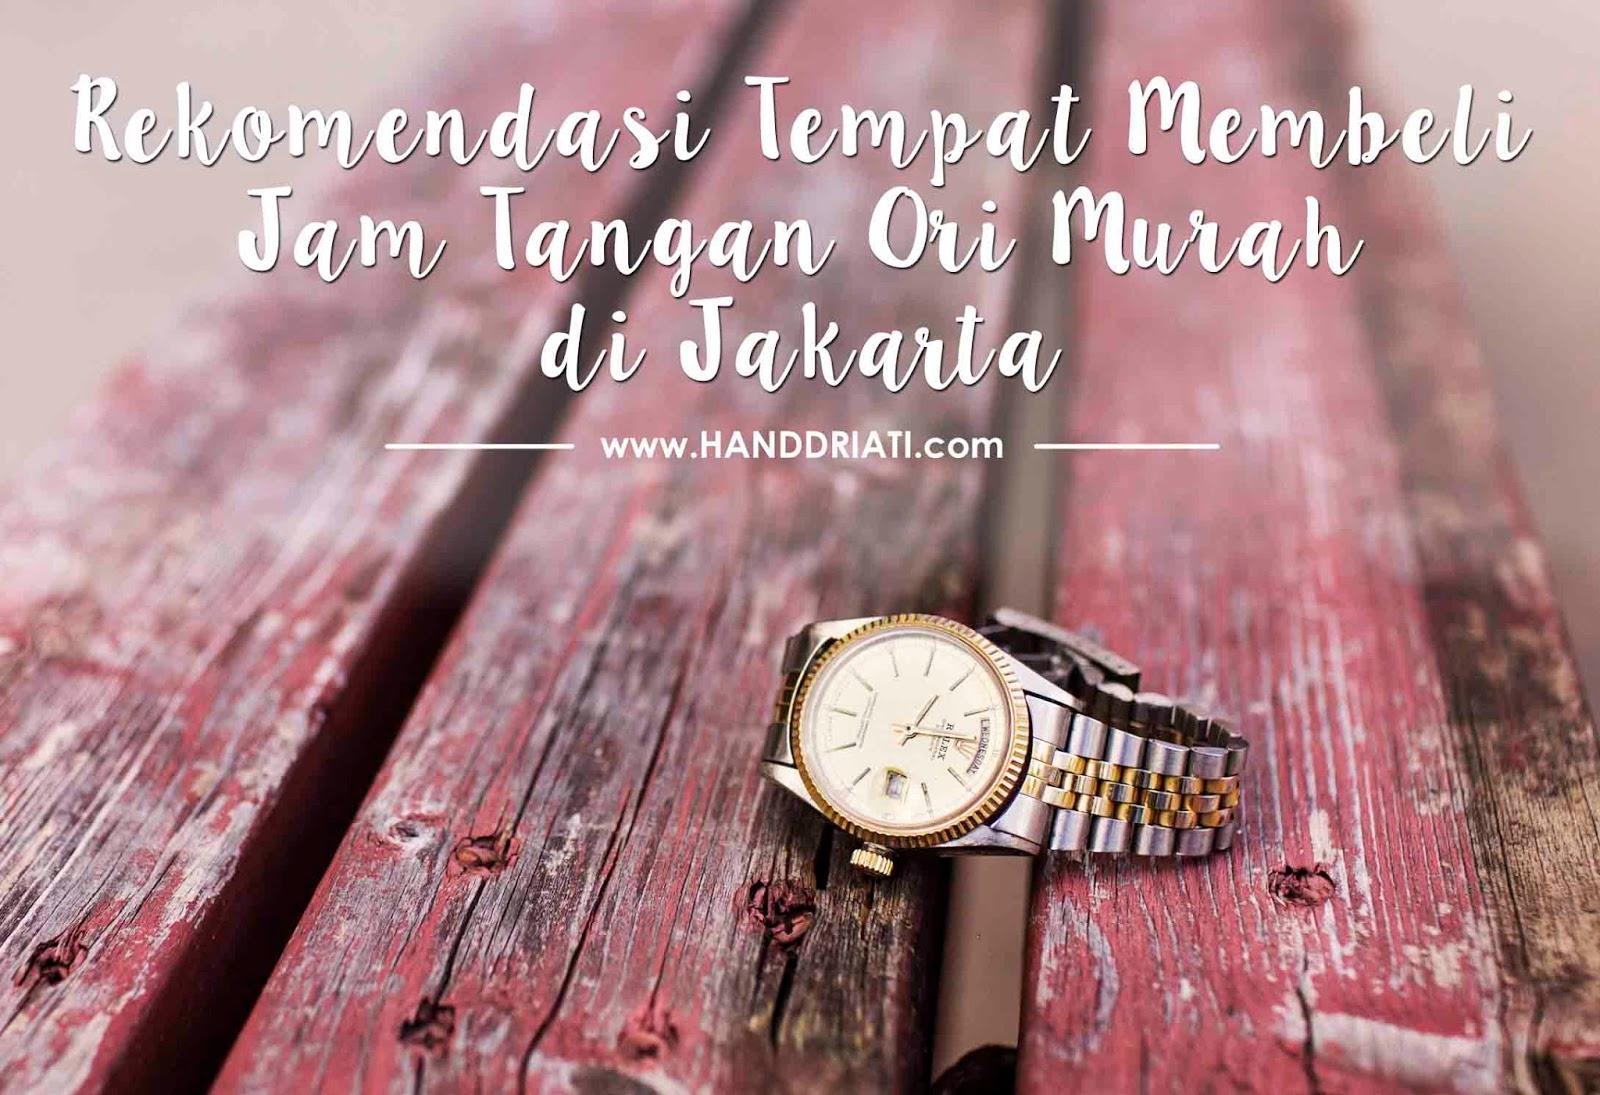 Rekomendasi Tempat membeli Jam Tangan Ori Murah di Jakarta  695c1b8839